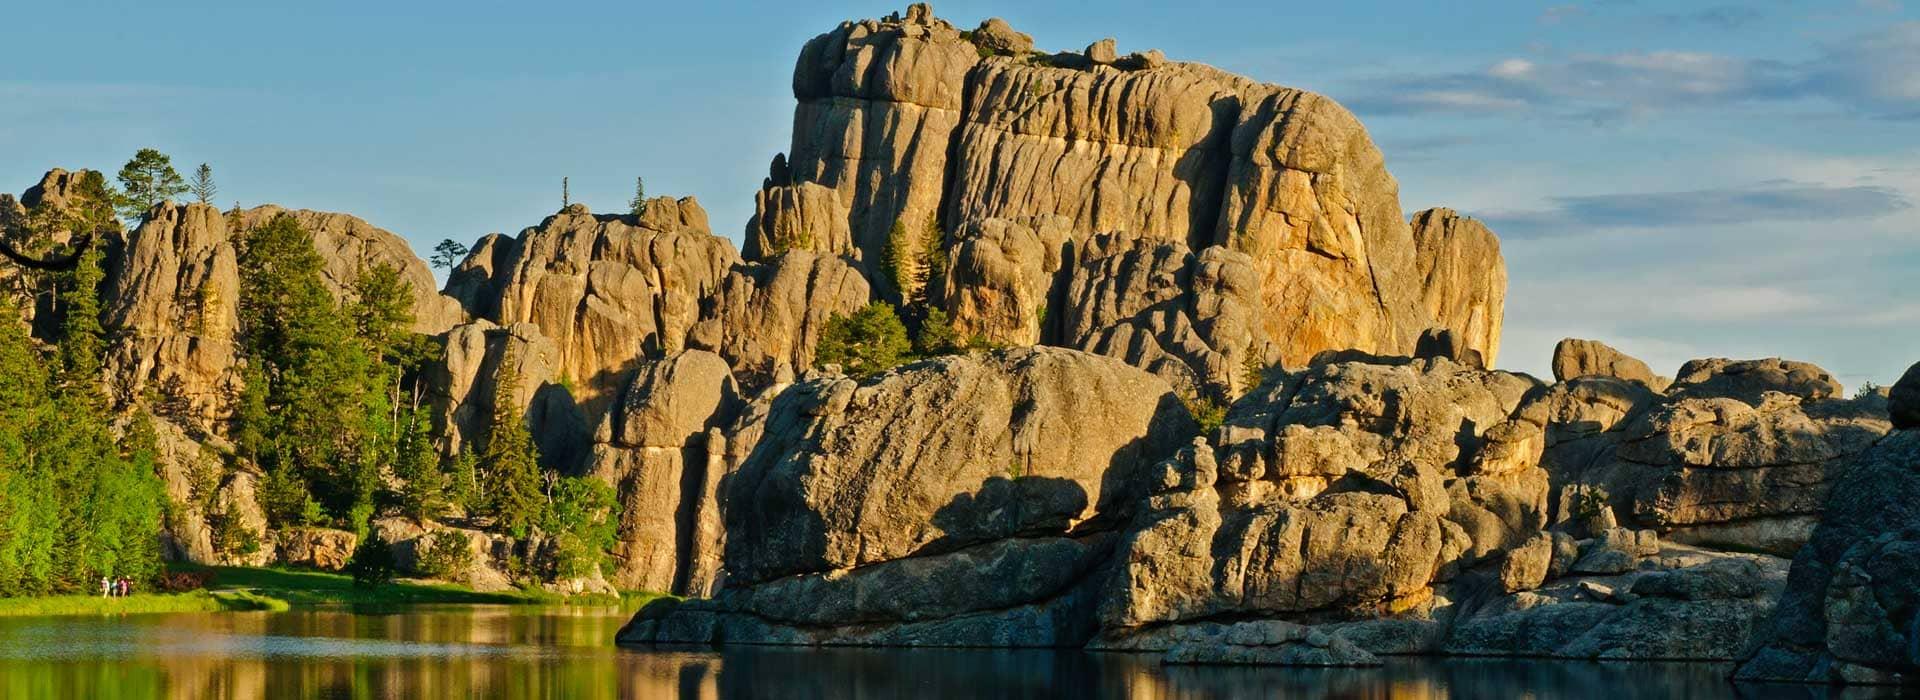 Vacation Home Rentals Black Hills